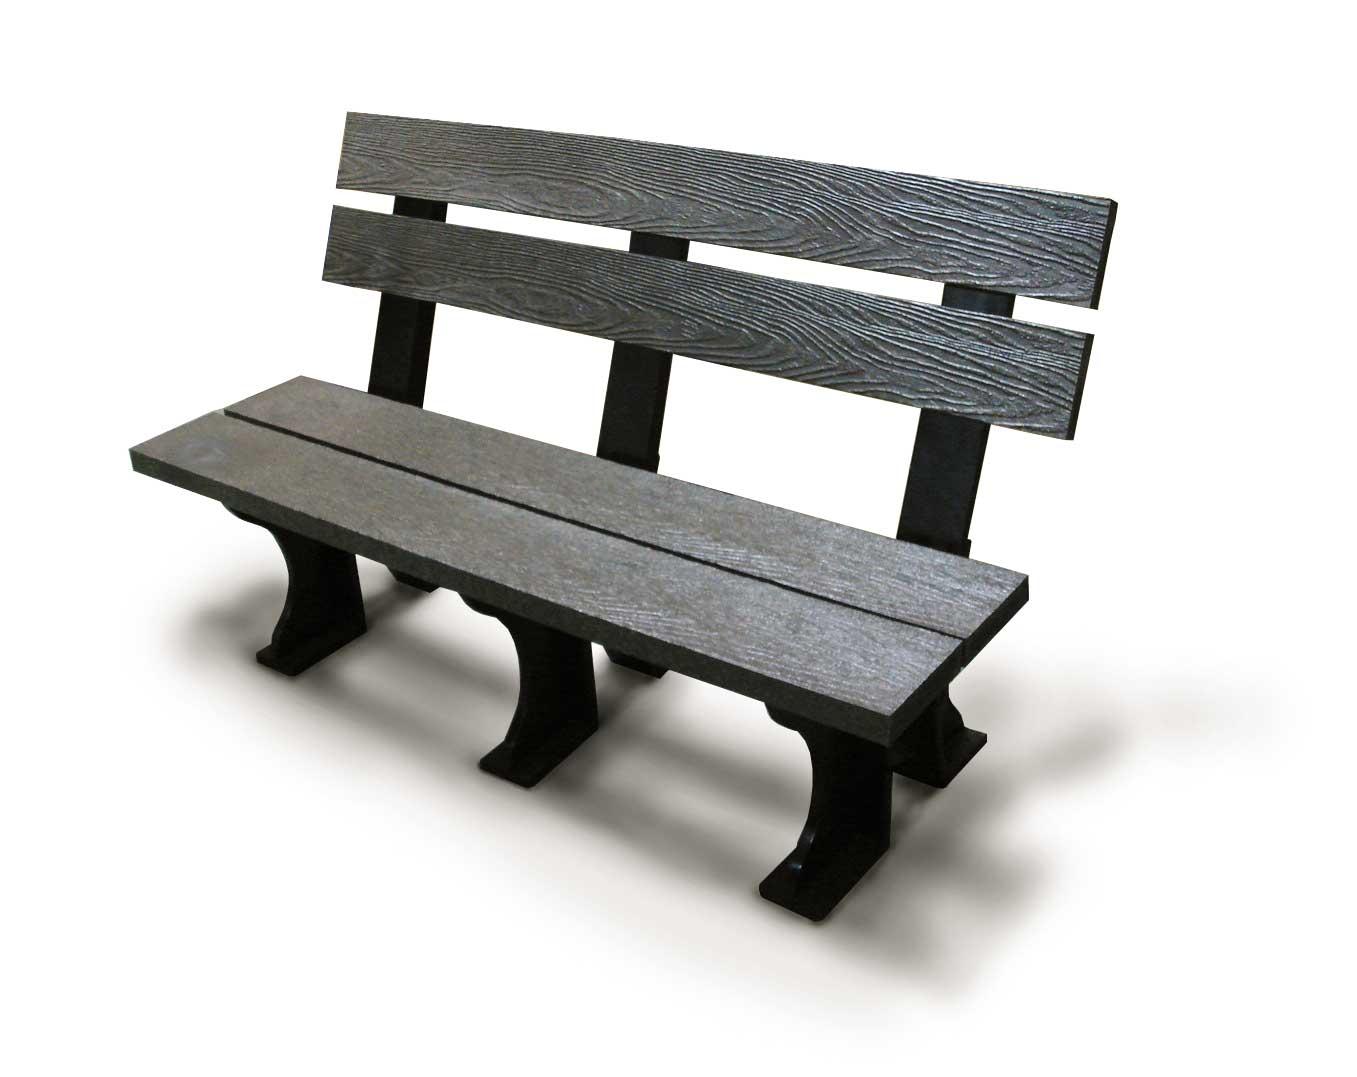 塑木长椅 diy 组合靠背式 休憩椅 公园椅 好印象 木制长椅 园林椅